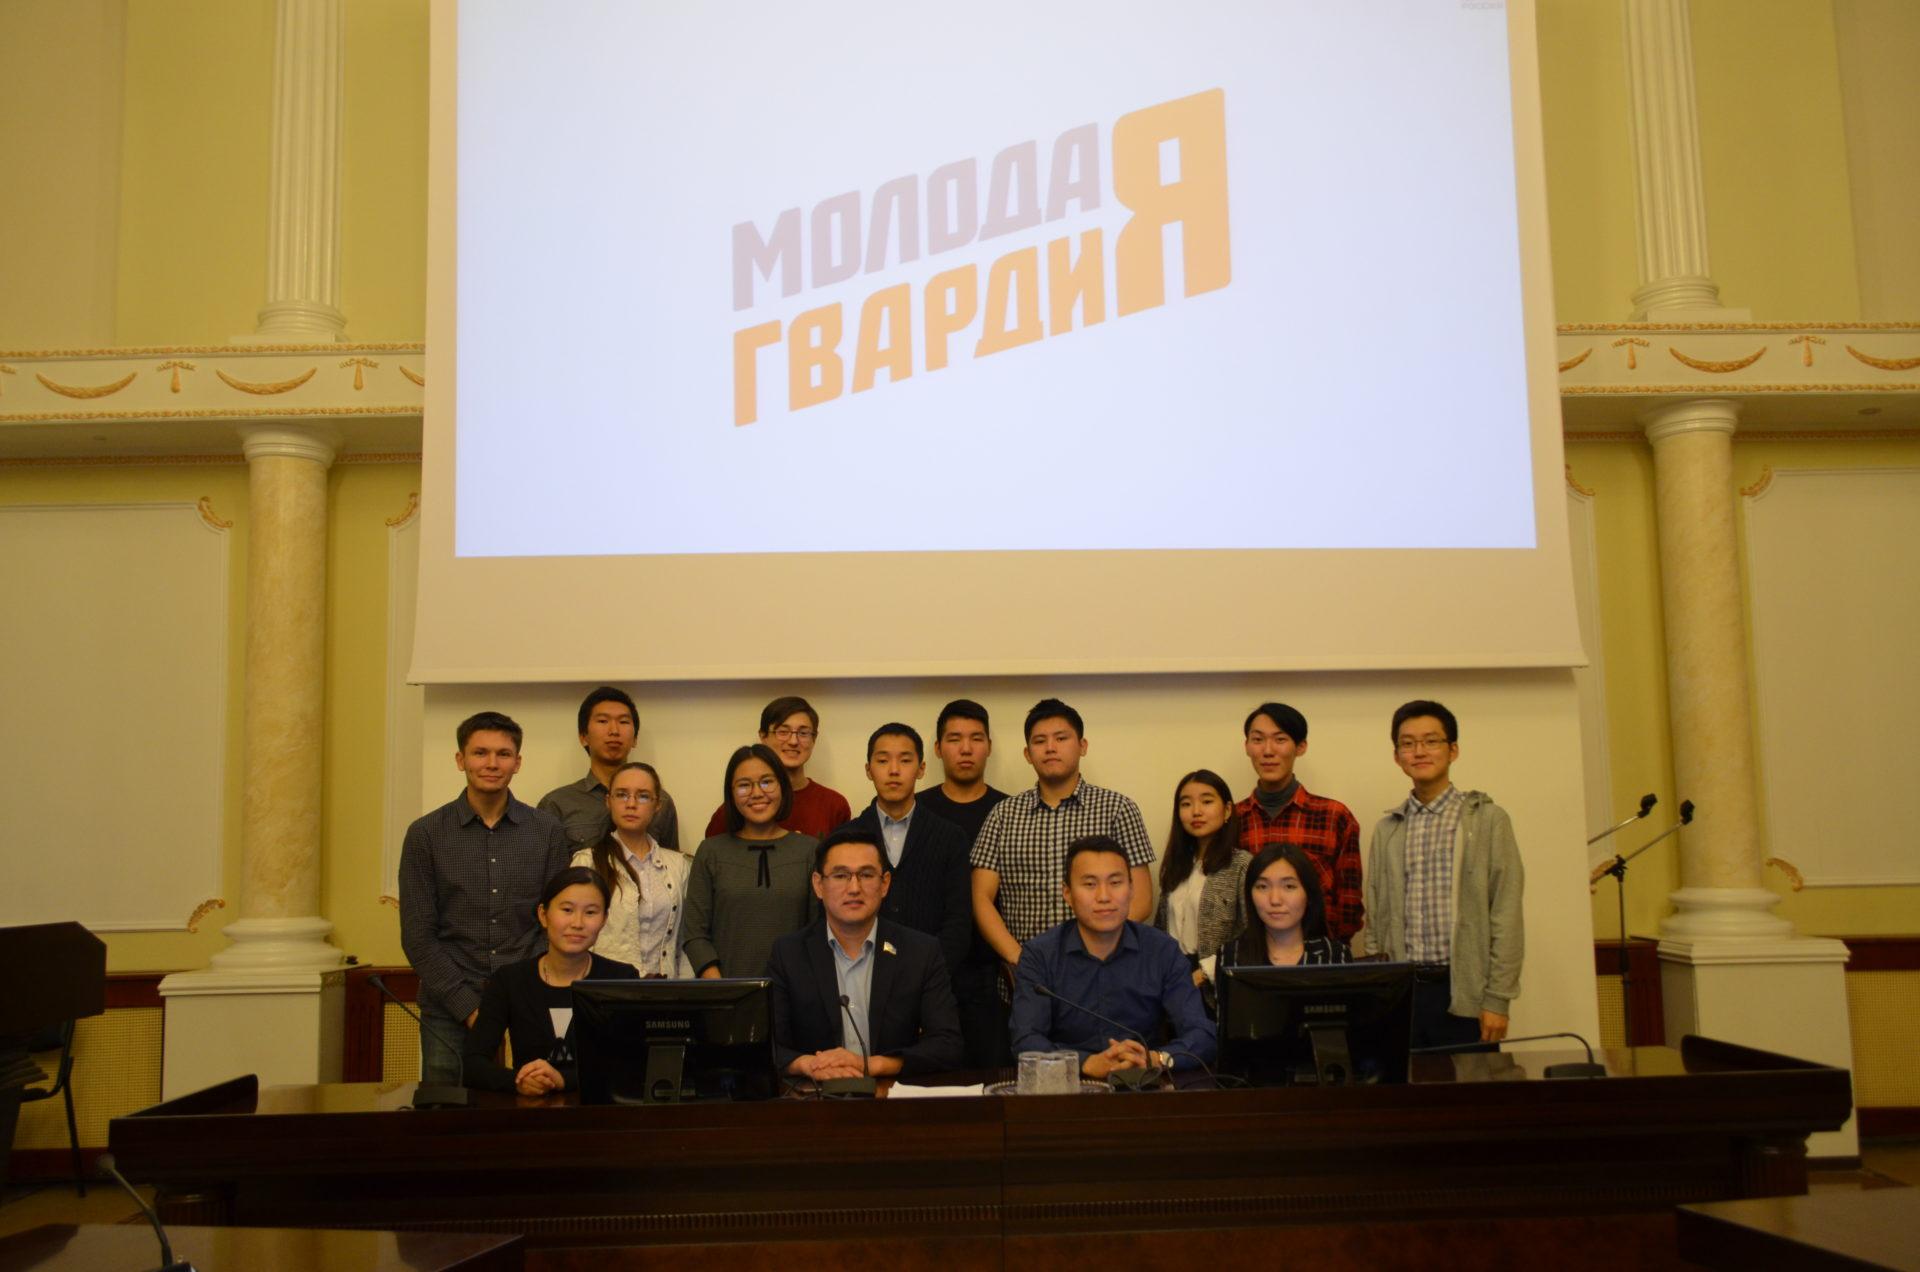 В Якутске состоялось торжественное закрытие третьего сезона «Школы парламентаризма»